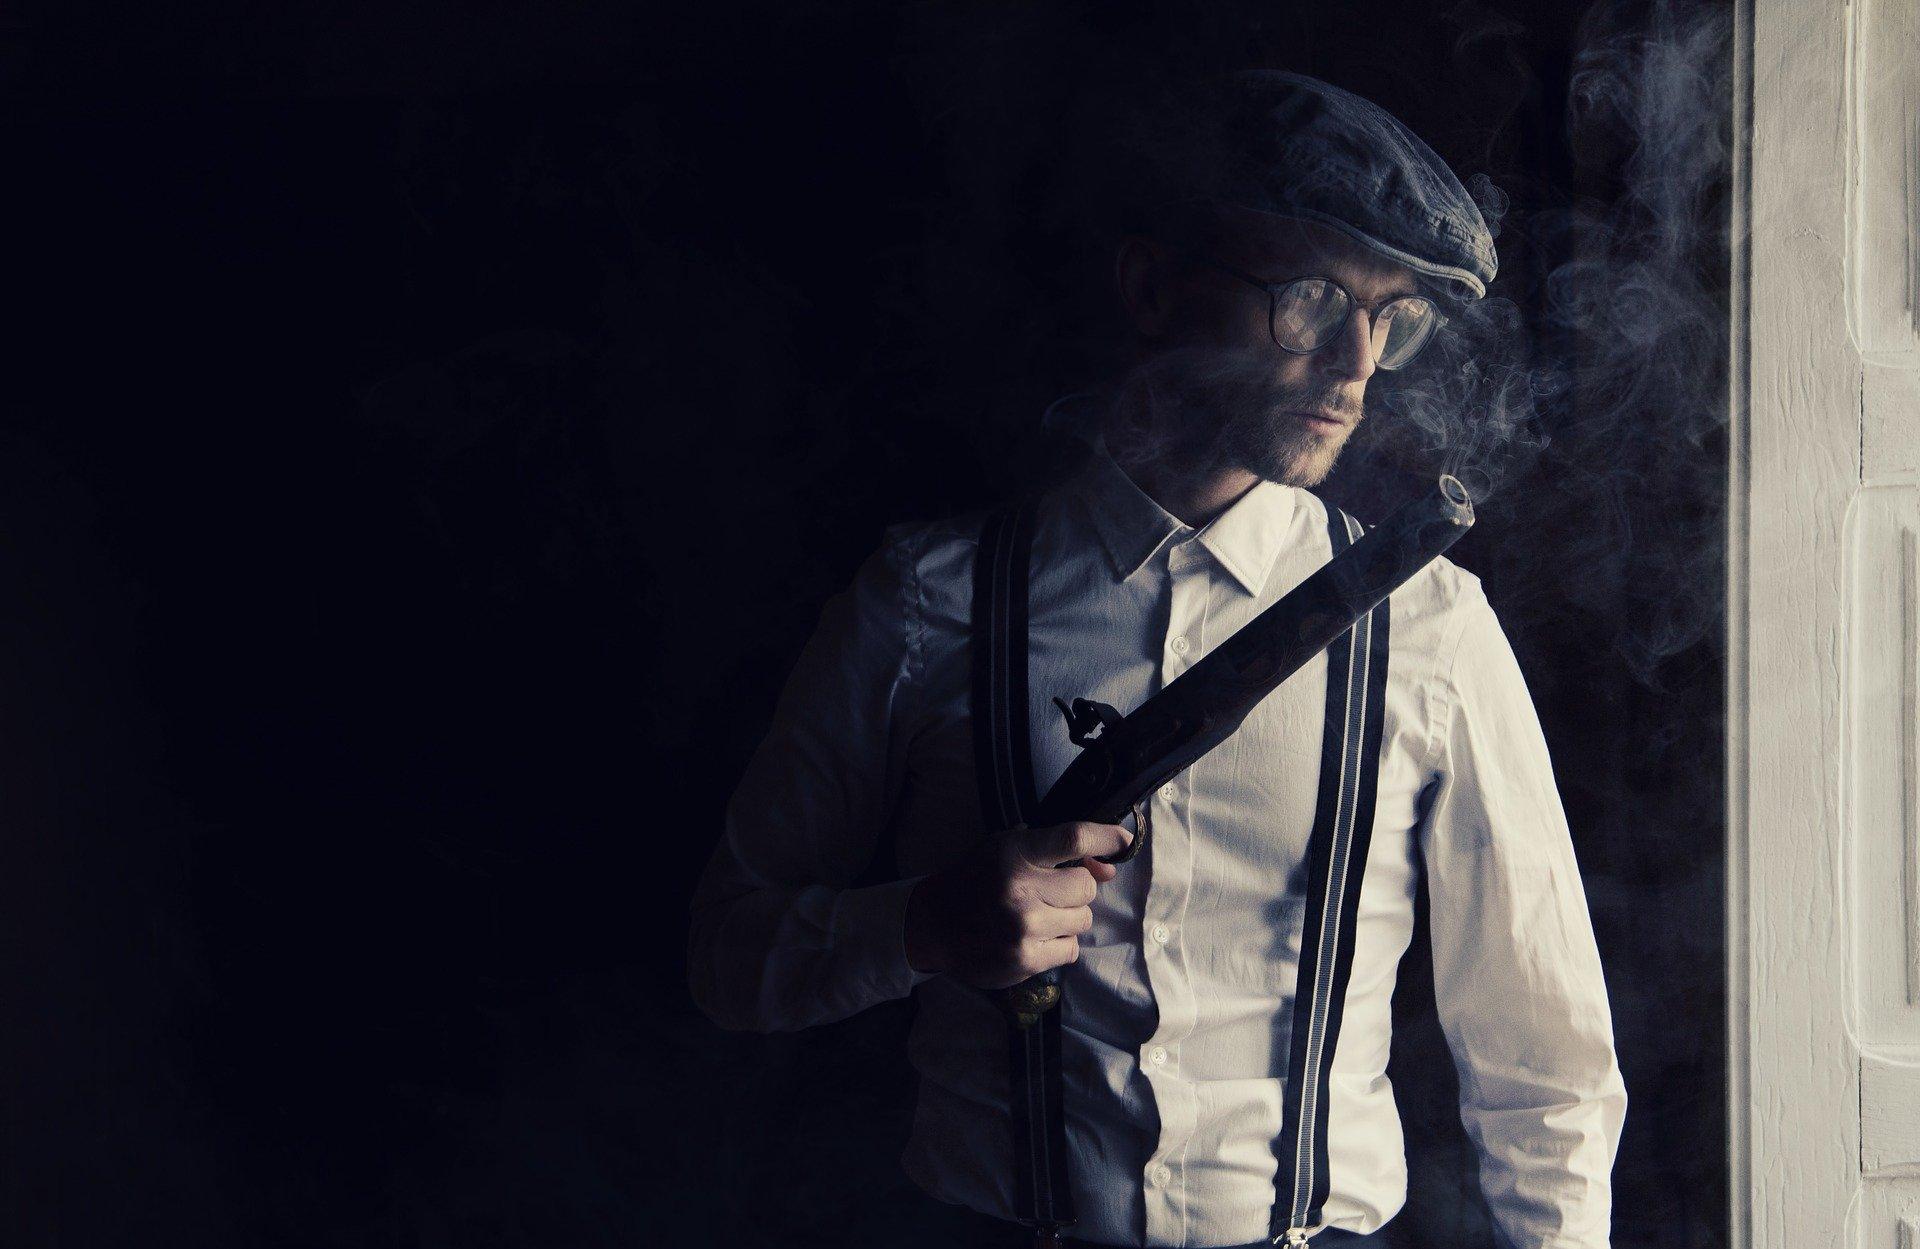 arizona extortion laws - smoking gun